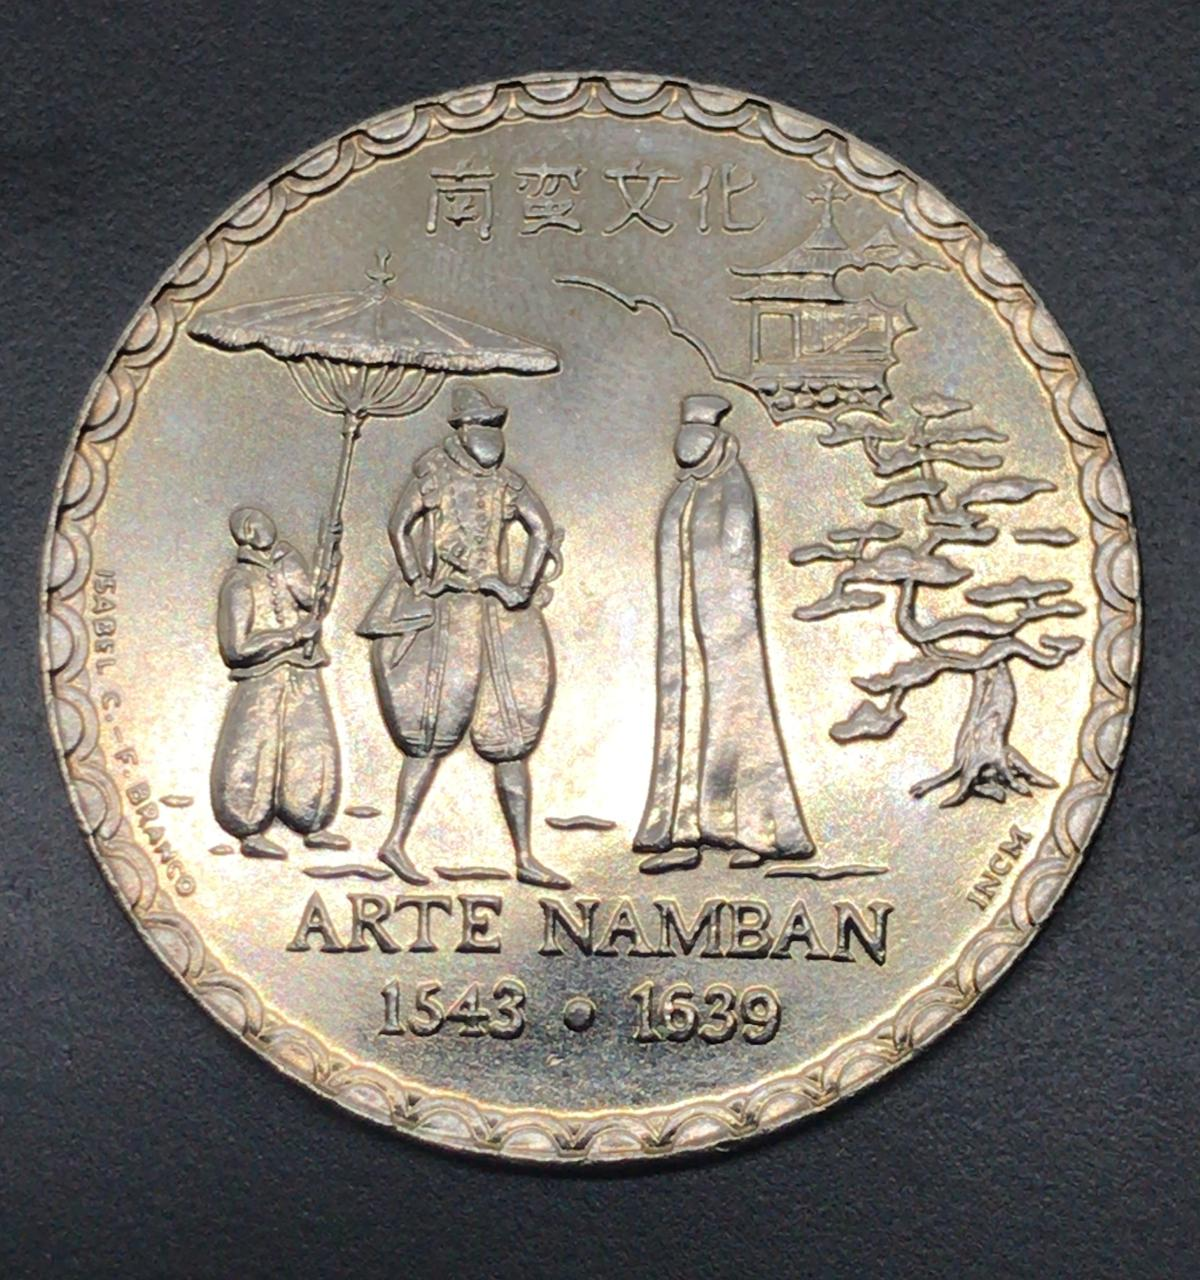 Moeda de Portugal 200 Escudos - Arte Namban 1543-1639